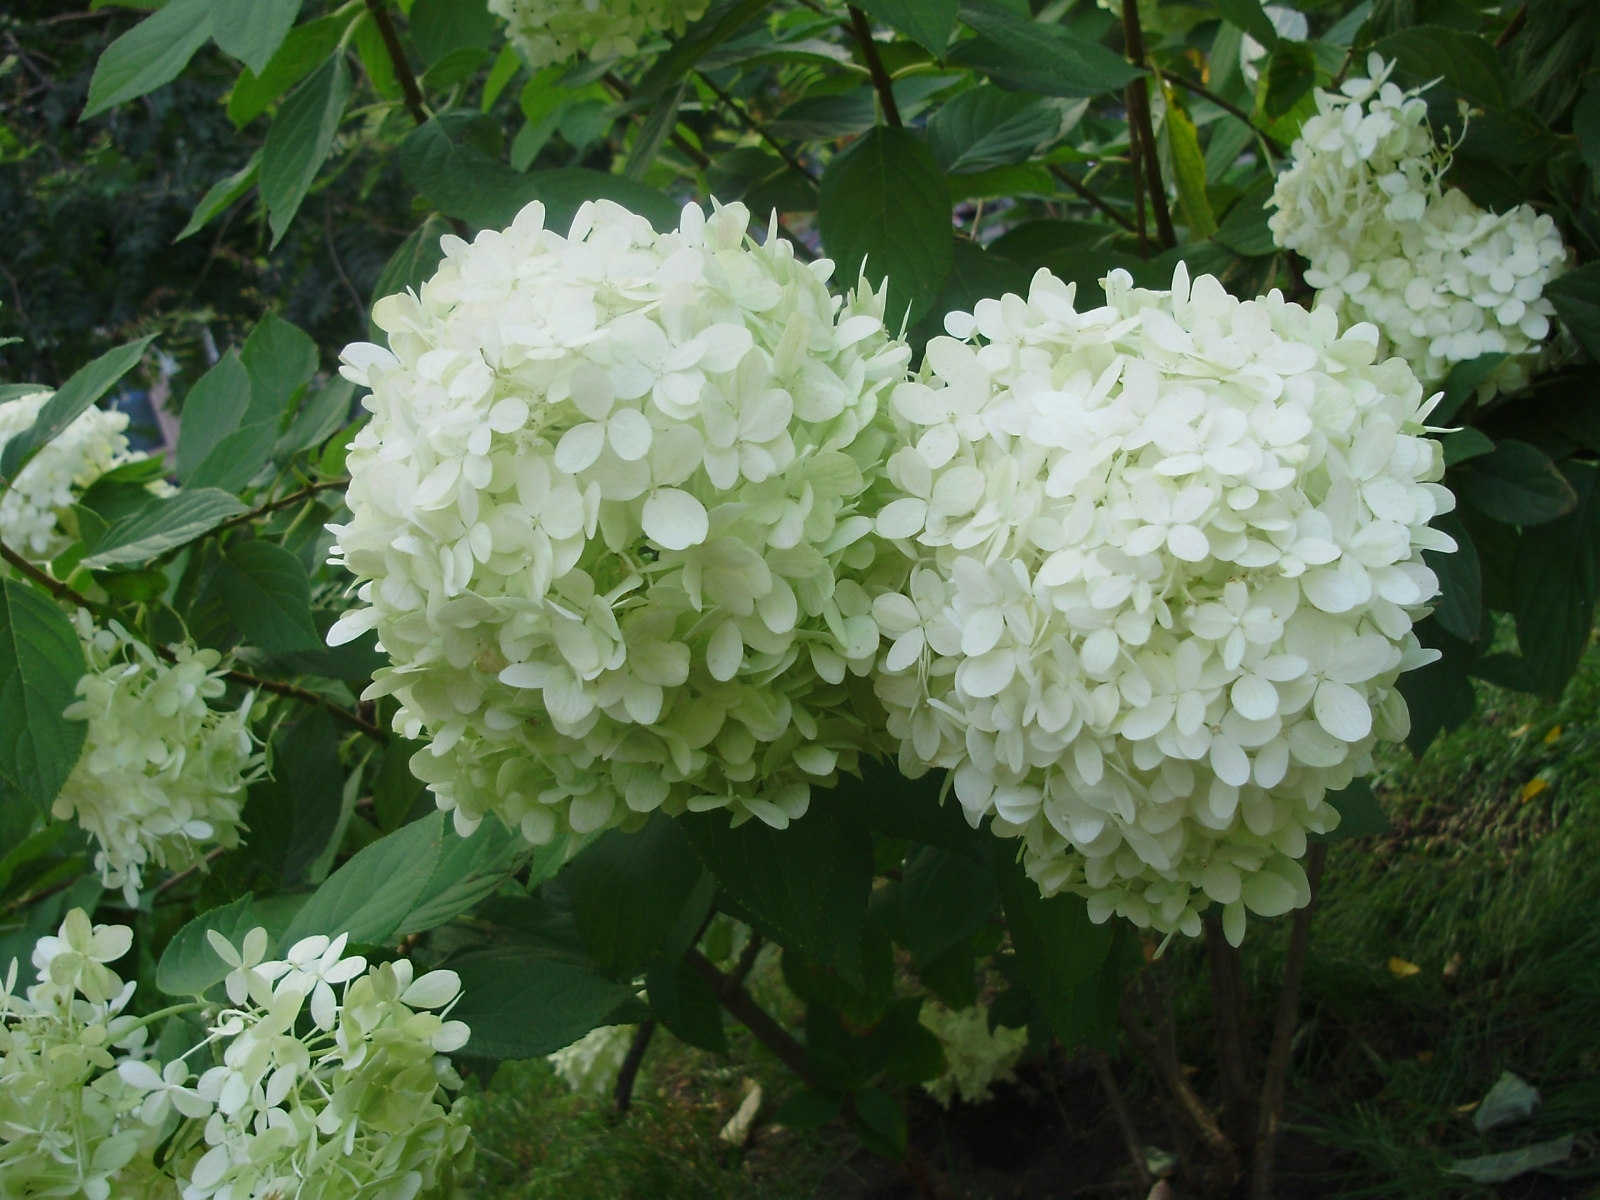 Скачать картинку Растения, Цветы в телефон бесплатно.